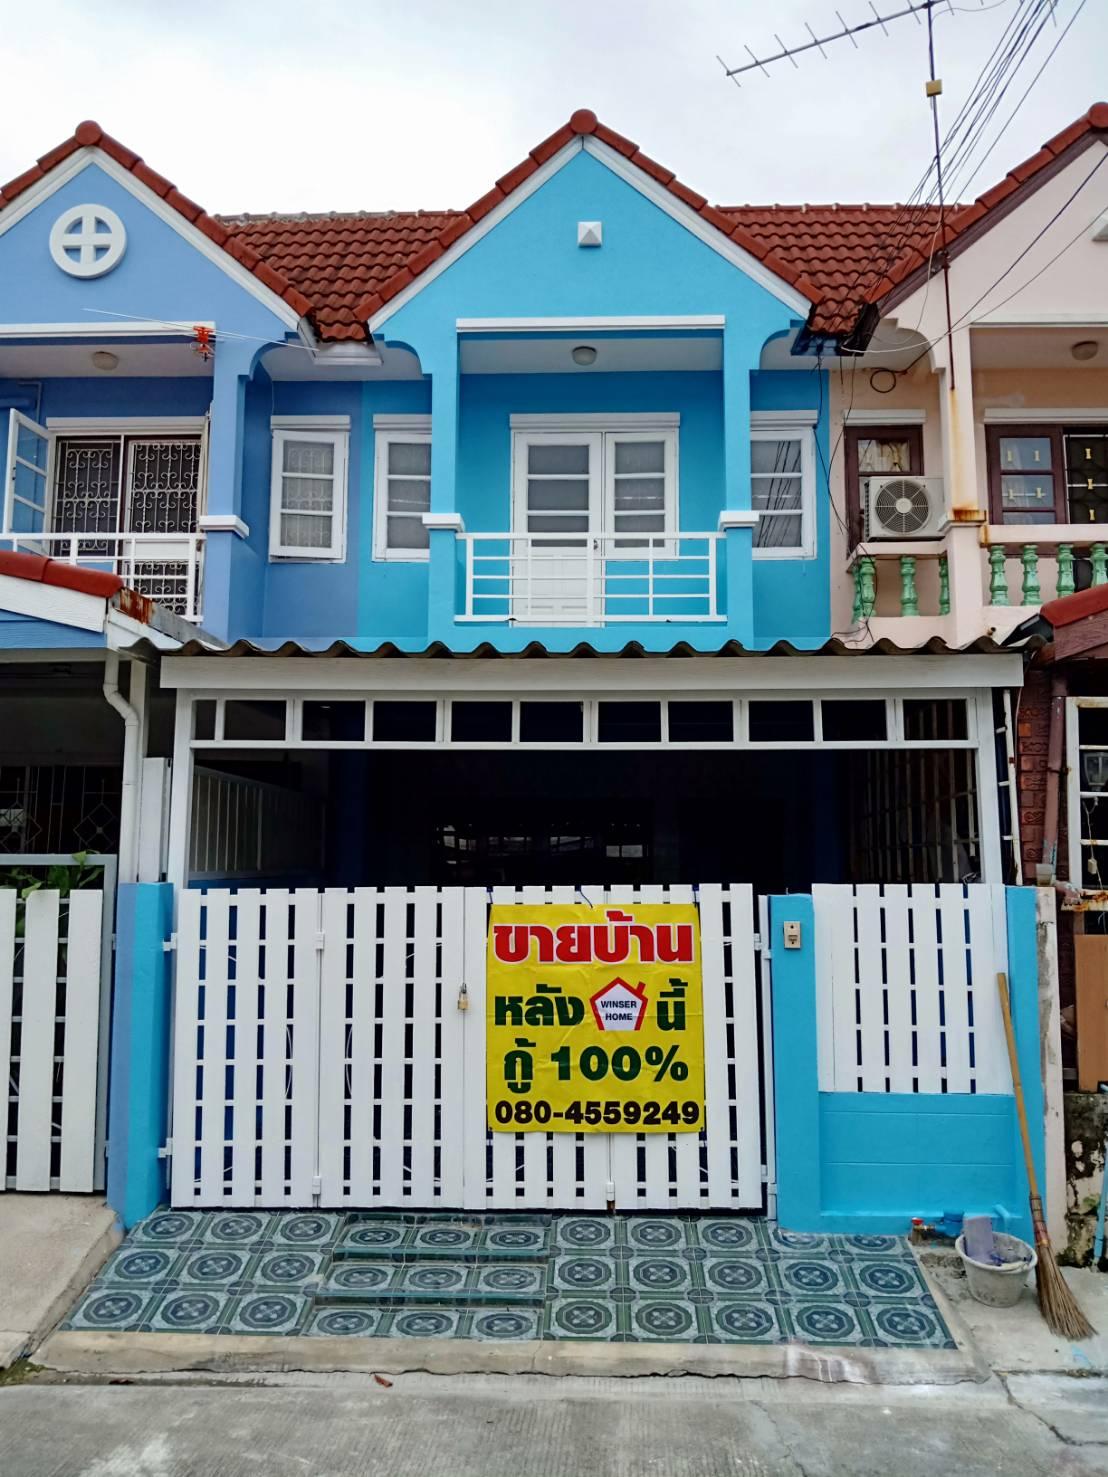 Sold out ขายทาวน์เฮ้าส์ 2 ชั้น หมู่บ้านลลิษา 16 ตรว ซอยมังกร. ตำบลแพรกษา สมุทรปราการ ปรับปรุงใหม่